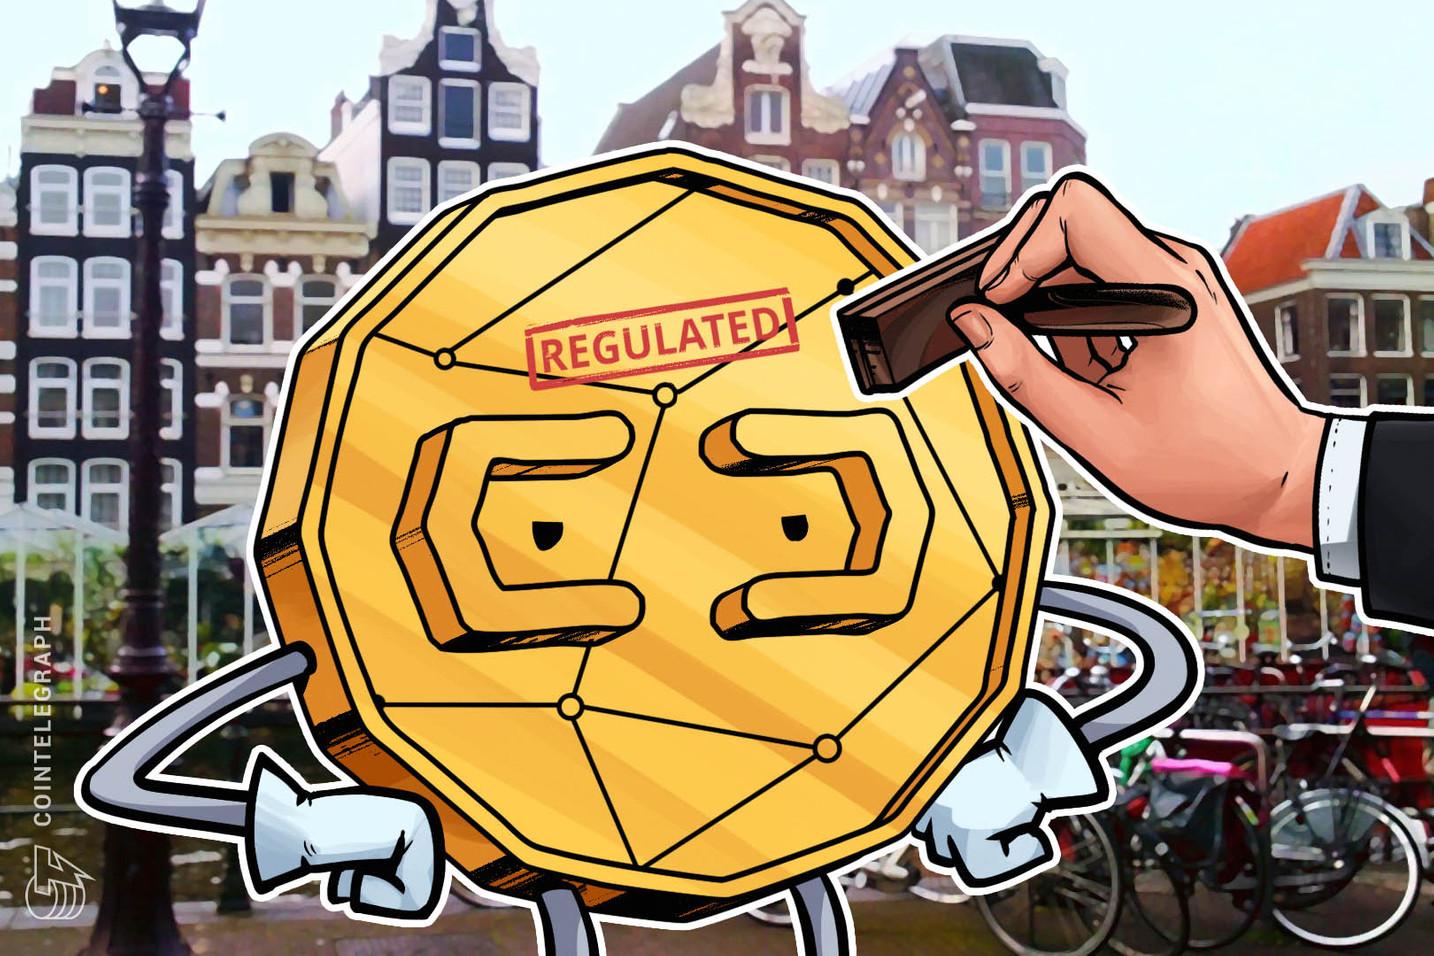 オランダの金融規制当局、仮想通貨投資企業の法令準拠に「疑念」